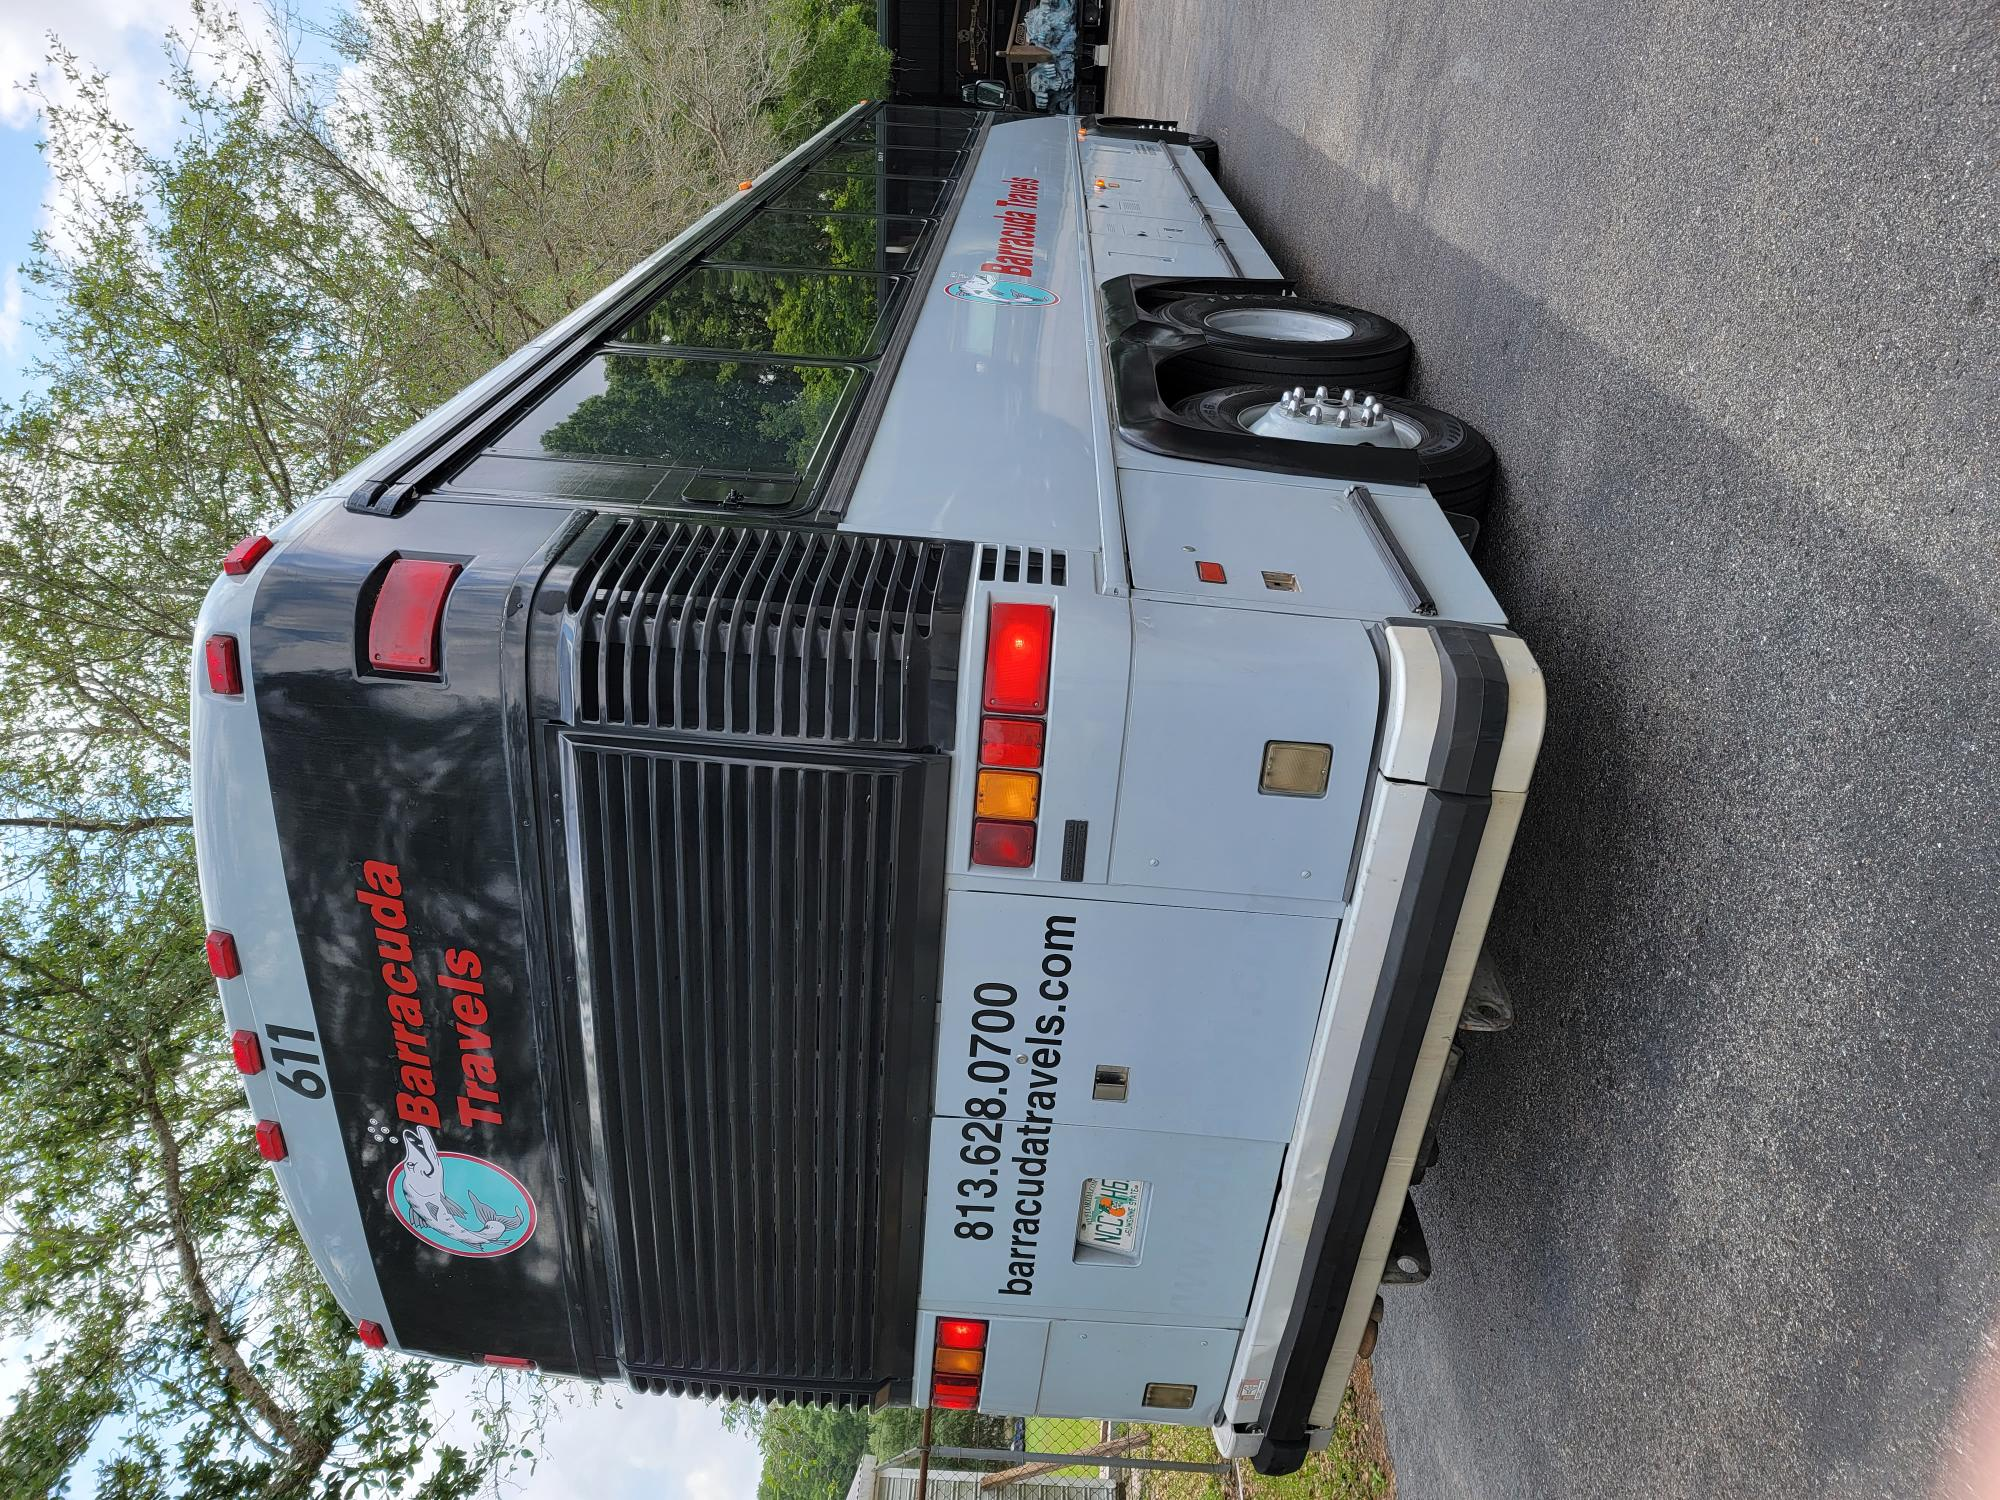 601 rear